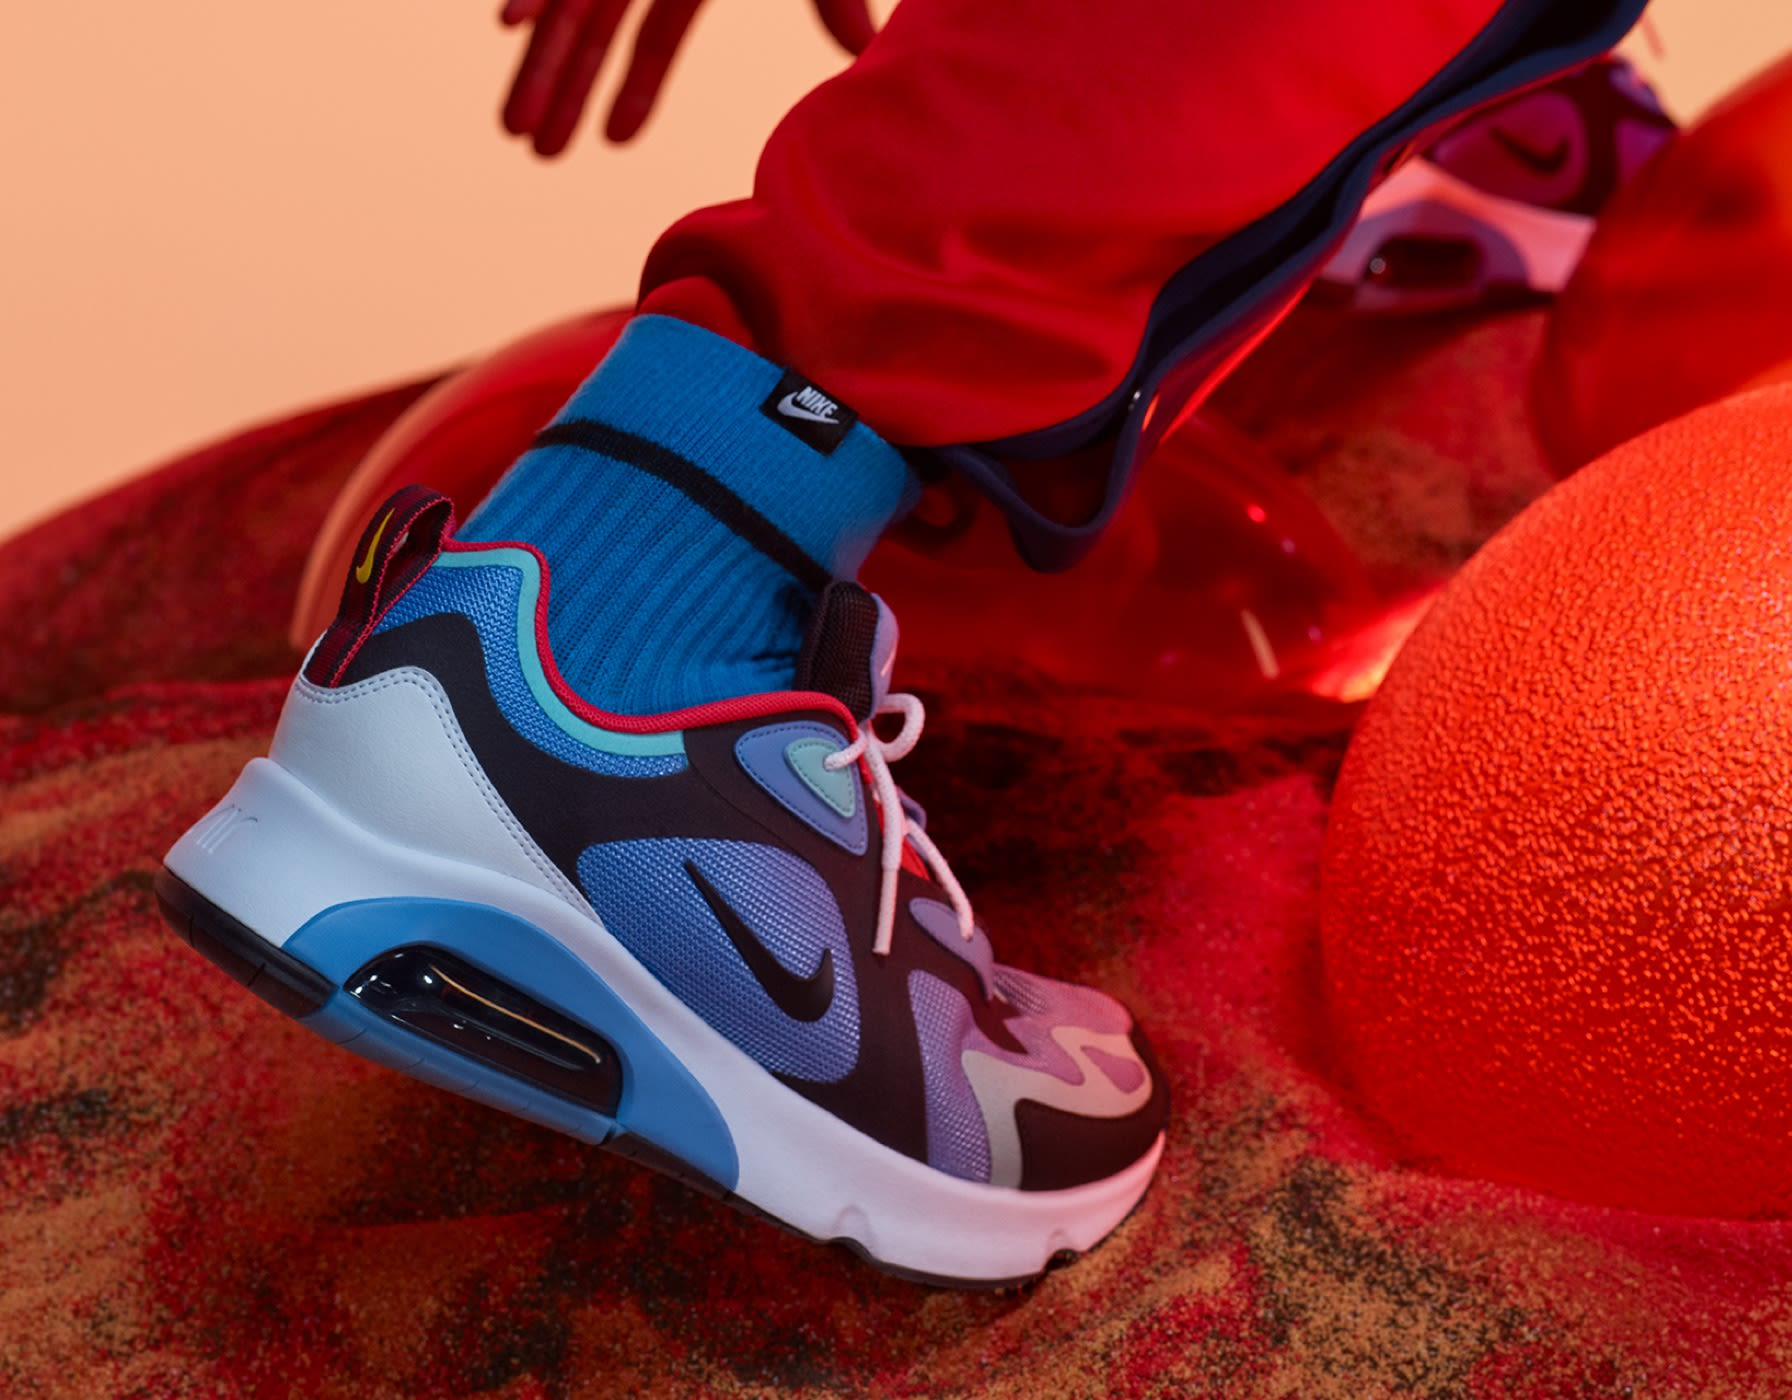 ChaussuresVêtements Pour Et HommeFr Accessoires Nike sdxthQroBC